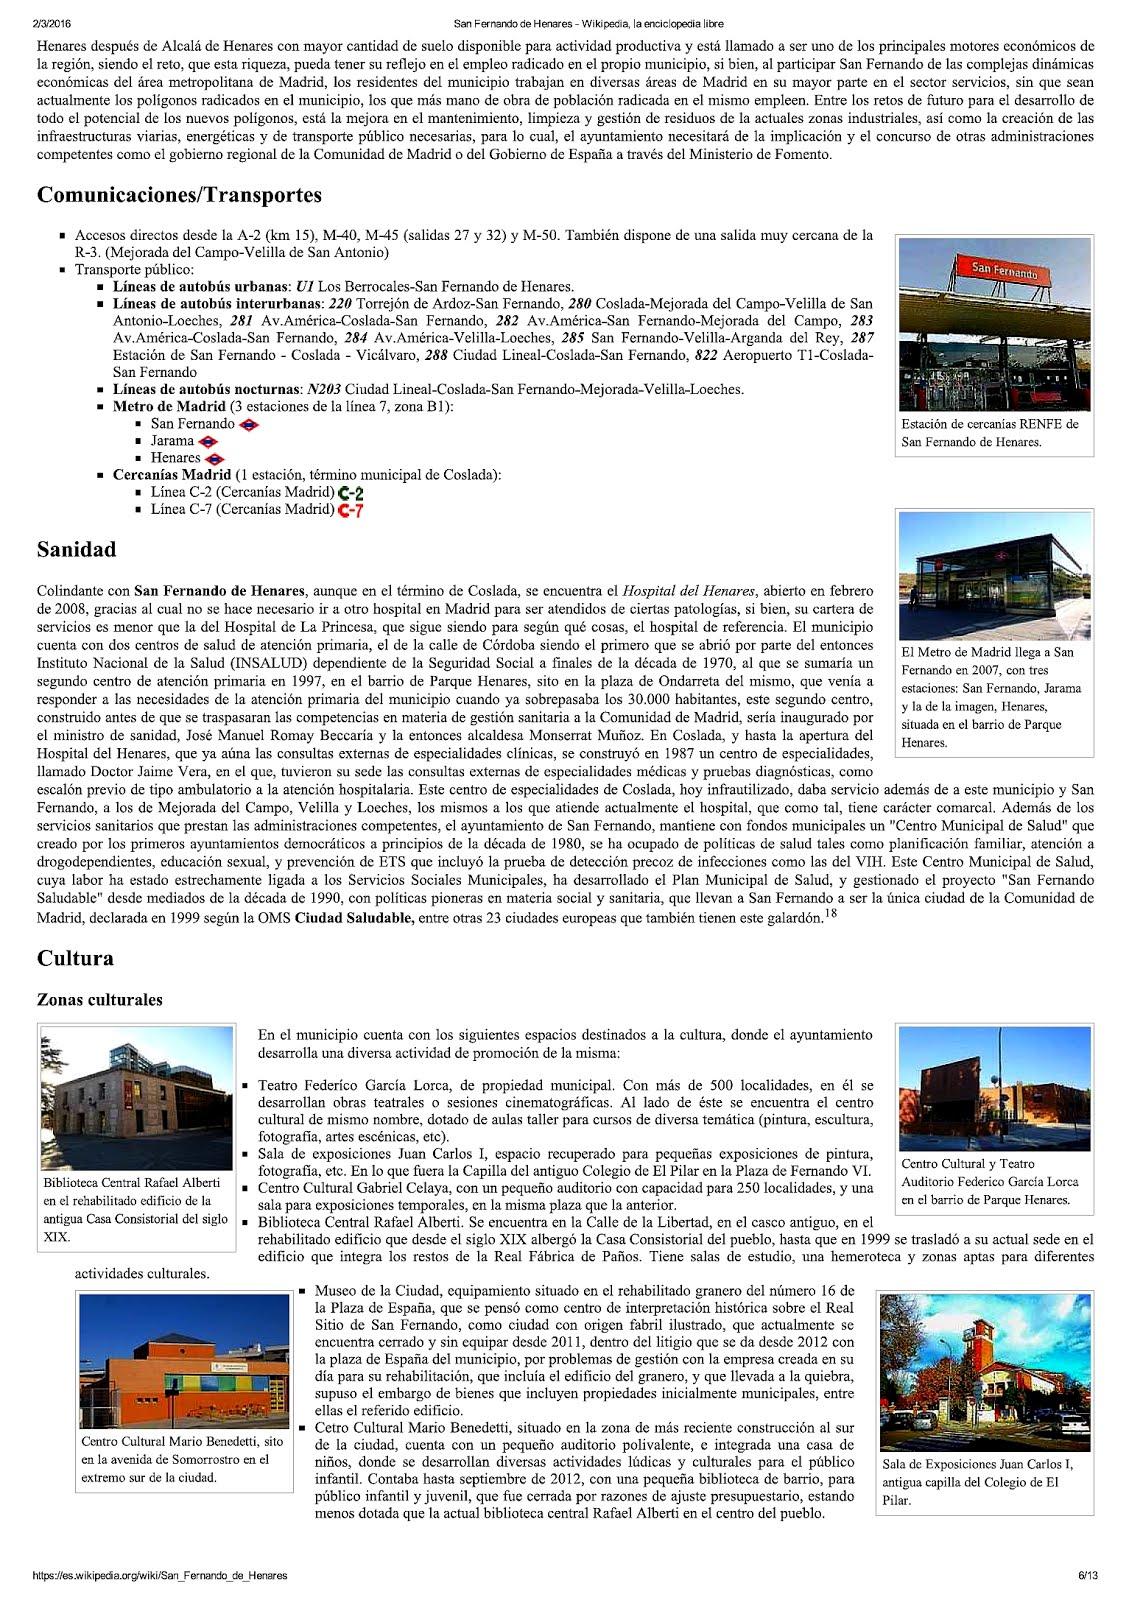 San Fernando en Wikipedia 2016.6